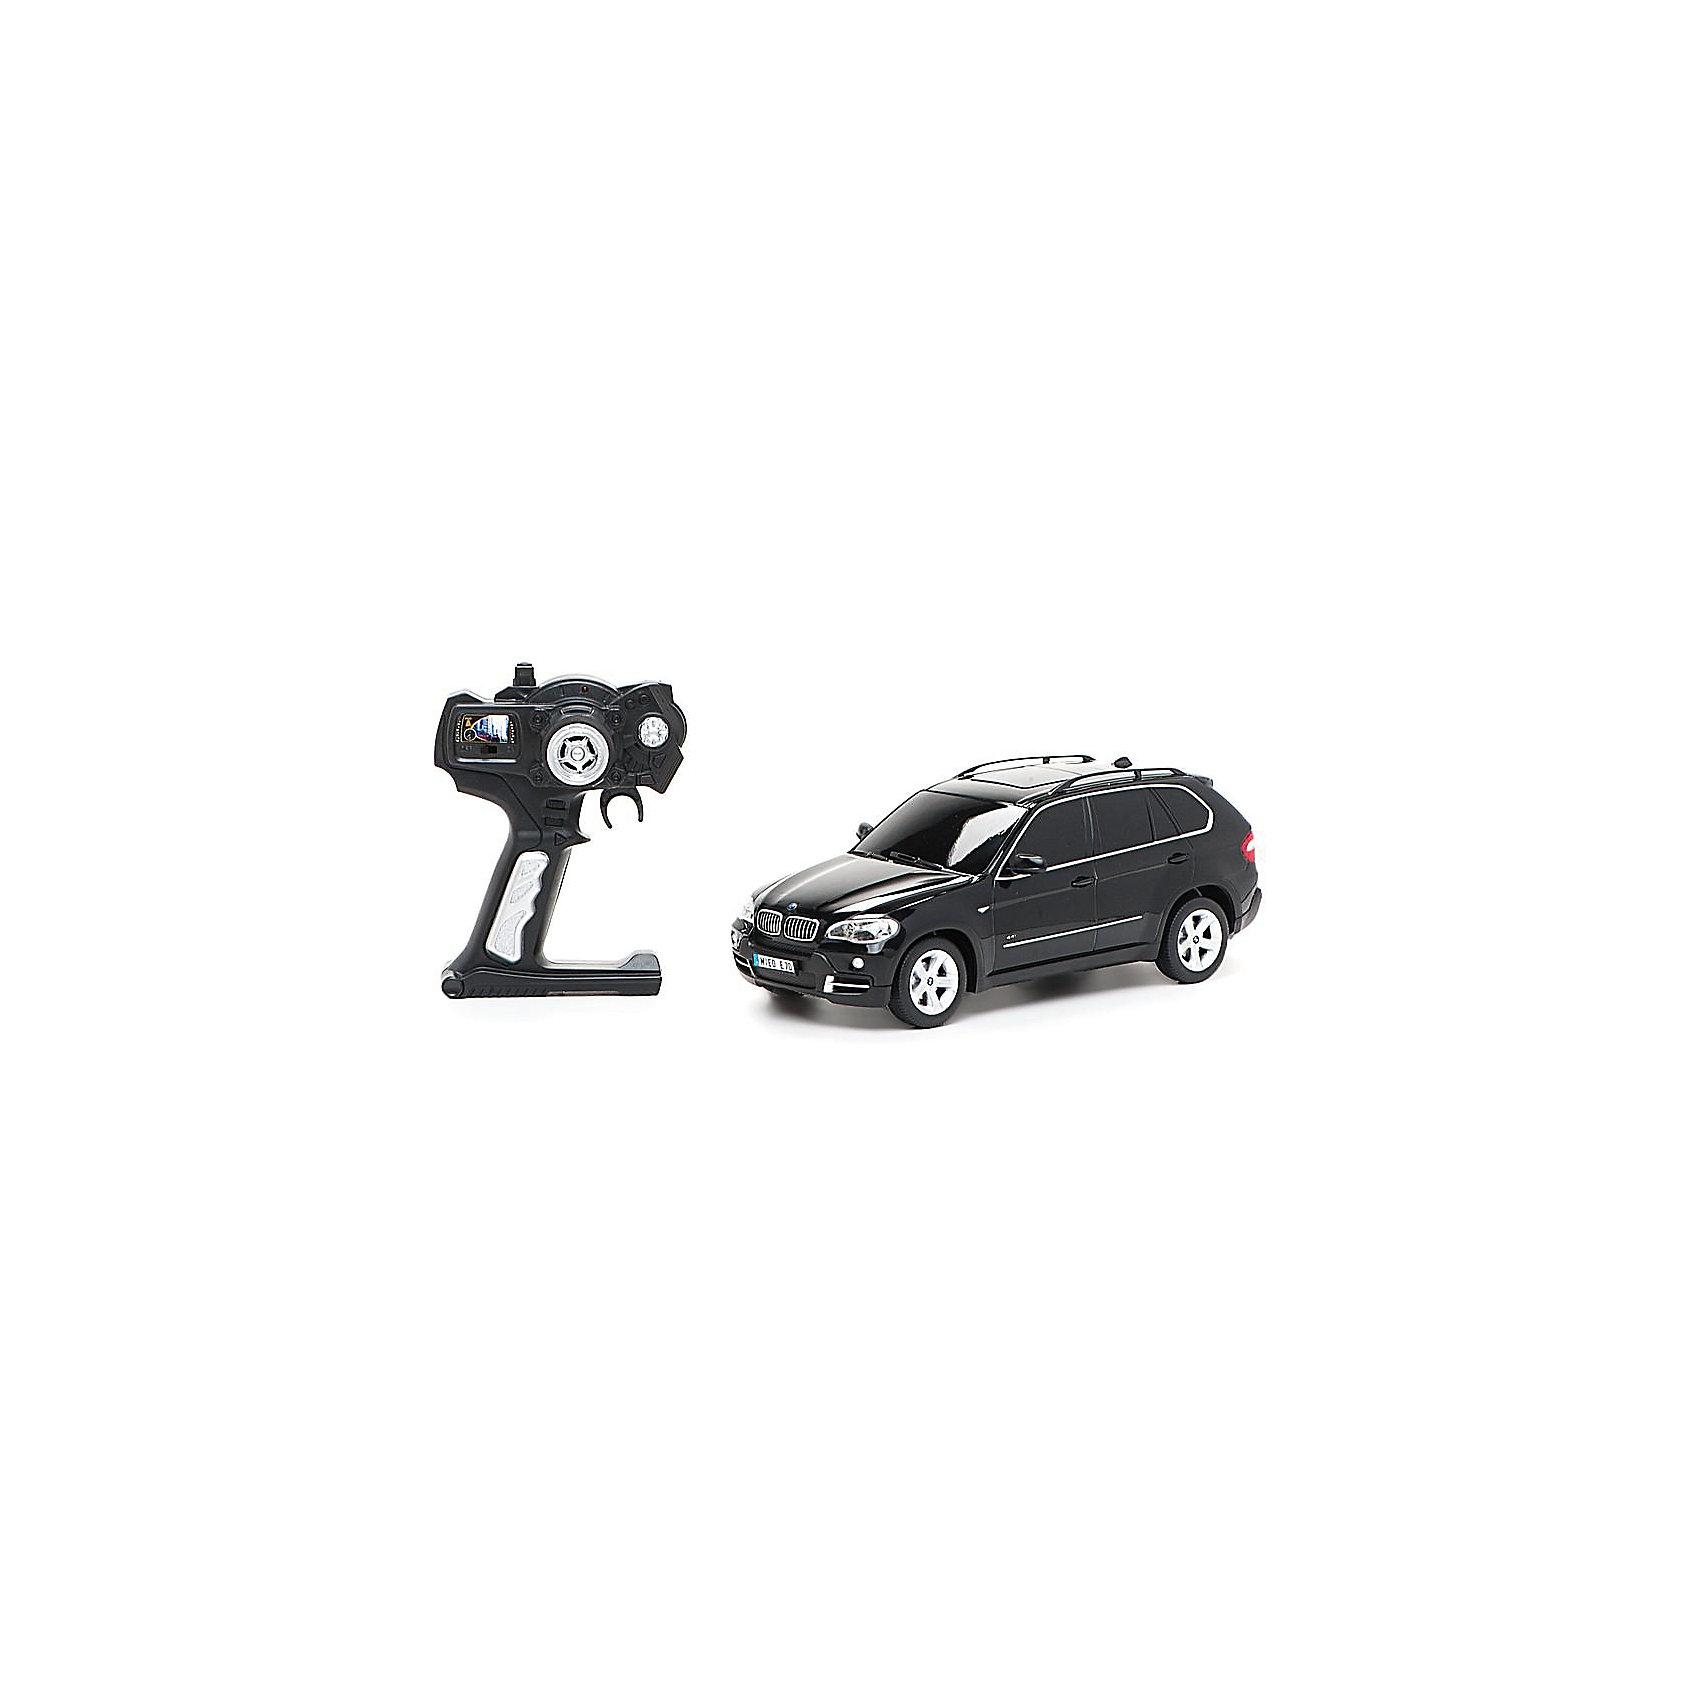 Машина BMW X5, 1:18, со светом, р/у, RASTAR, черныйНевероятно стильная и красивая модель, выполненная в масштабе 1:18 приведет в восторг любого мальчишку! Машина прекрасно детализирована, очень похожа на настоящий автомобиль, развивает скорость до 12км/ч. Модель имеет четыре направления движения: вперед, назад, вправо и влево, работающие передние и задние фары, стоп-сигналы, при повороте вправо/влево включаются поворотники, во время движения слышен шум работающего двигателя.   Дополнительная информация:  - Материал: пластик, металл. - Размер: 27,5х10,5х 10,4 см.  - Максимальная скорость 12 км/ч. - Время непрерывной работы: 120 мин. - Масштаб: 1:18. - Комплектация: машинка; пульт управления. - Звуковые и световые эффекты. - Элемент питания: 4 ААА батарейки 1 крона (в комплект не входят). - Дистанция управления: до 15 м Машину BMW X5, 1:18, со светом, р/у, RASTAR можно купить в нашем магазине.<br><br>Ширина мм: 170<br>Глубина мм: 380<br>Высота мм: 150<br>Вес г: 830<br>Возраст от месяцев: 36<br>Возраст до месяцев: 144<br>Пол: Мужской<br>Возраст: Детский<br>SKU: 4838268